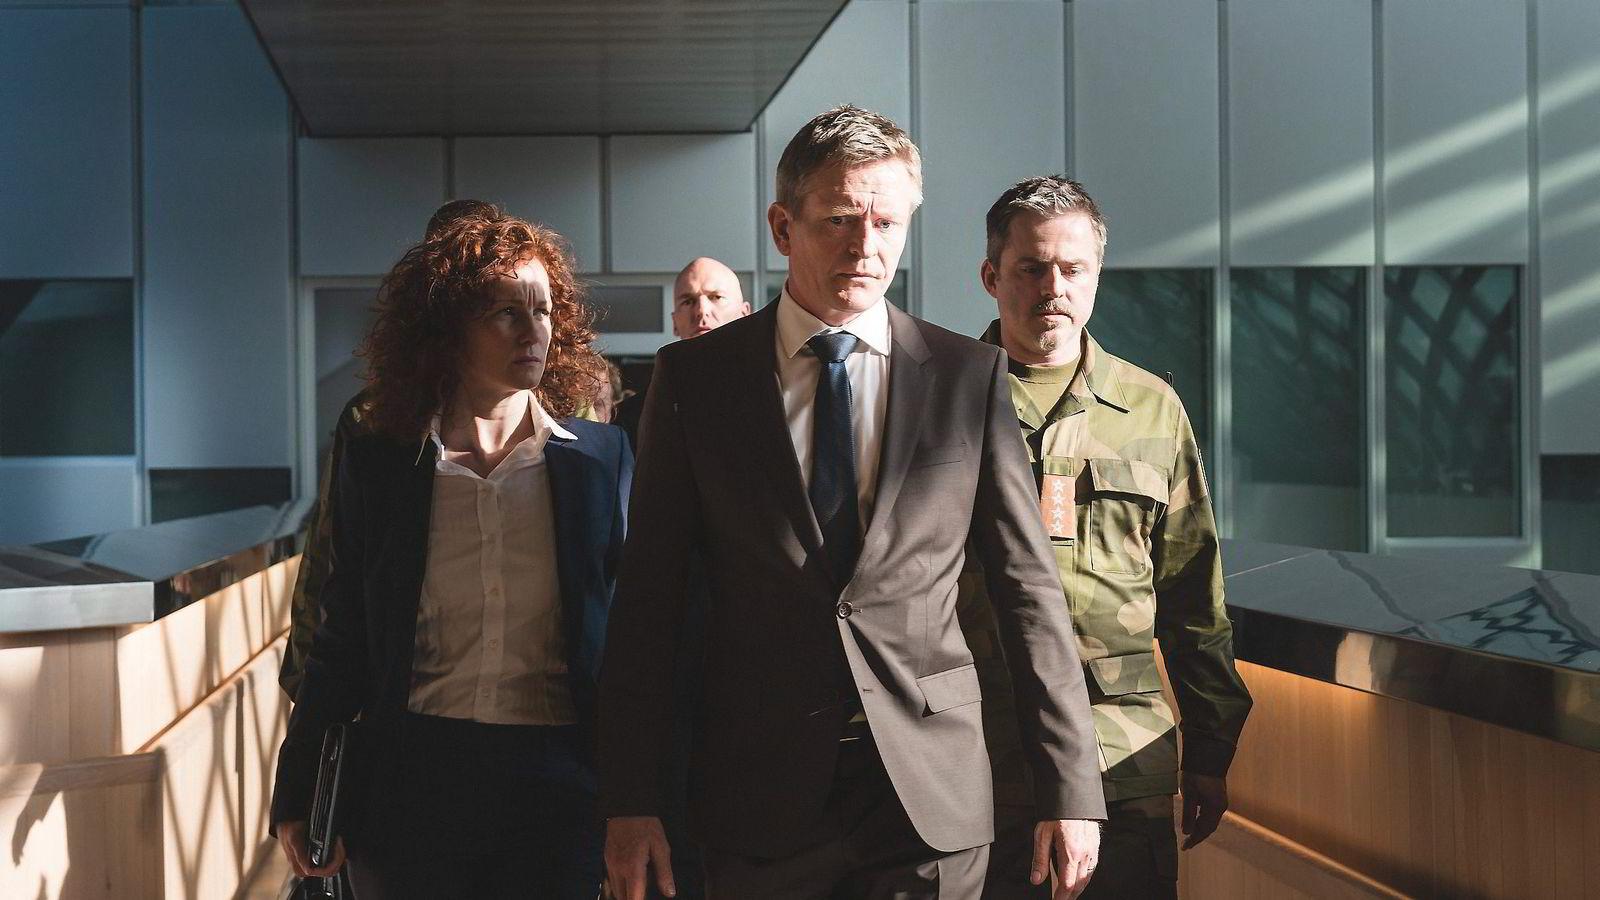 «Okkupert» leker med ideen om at russerne inntar Norge for å kontrollere oljeproduksjonen. Henrik Mestad (foran) spiller Norges statsminister Jesper Berg i serien.